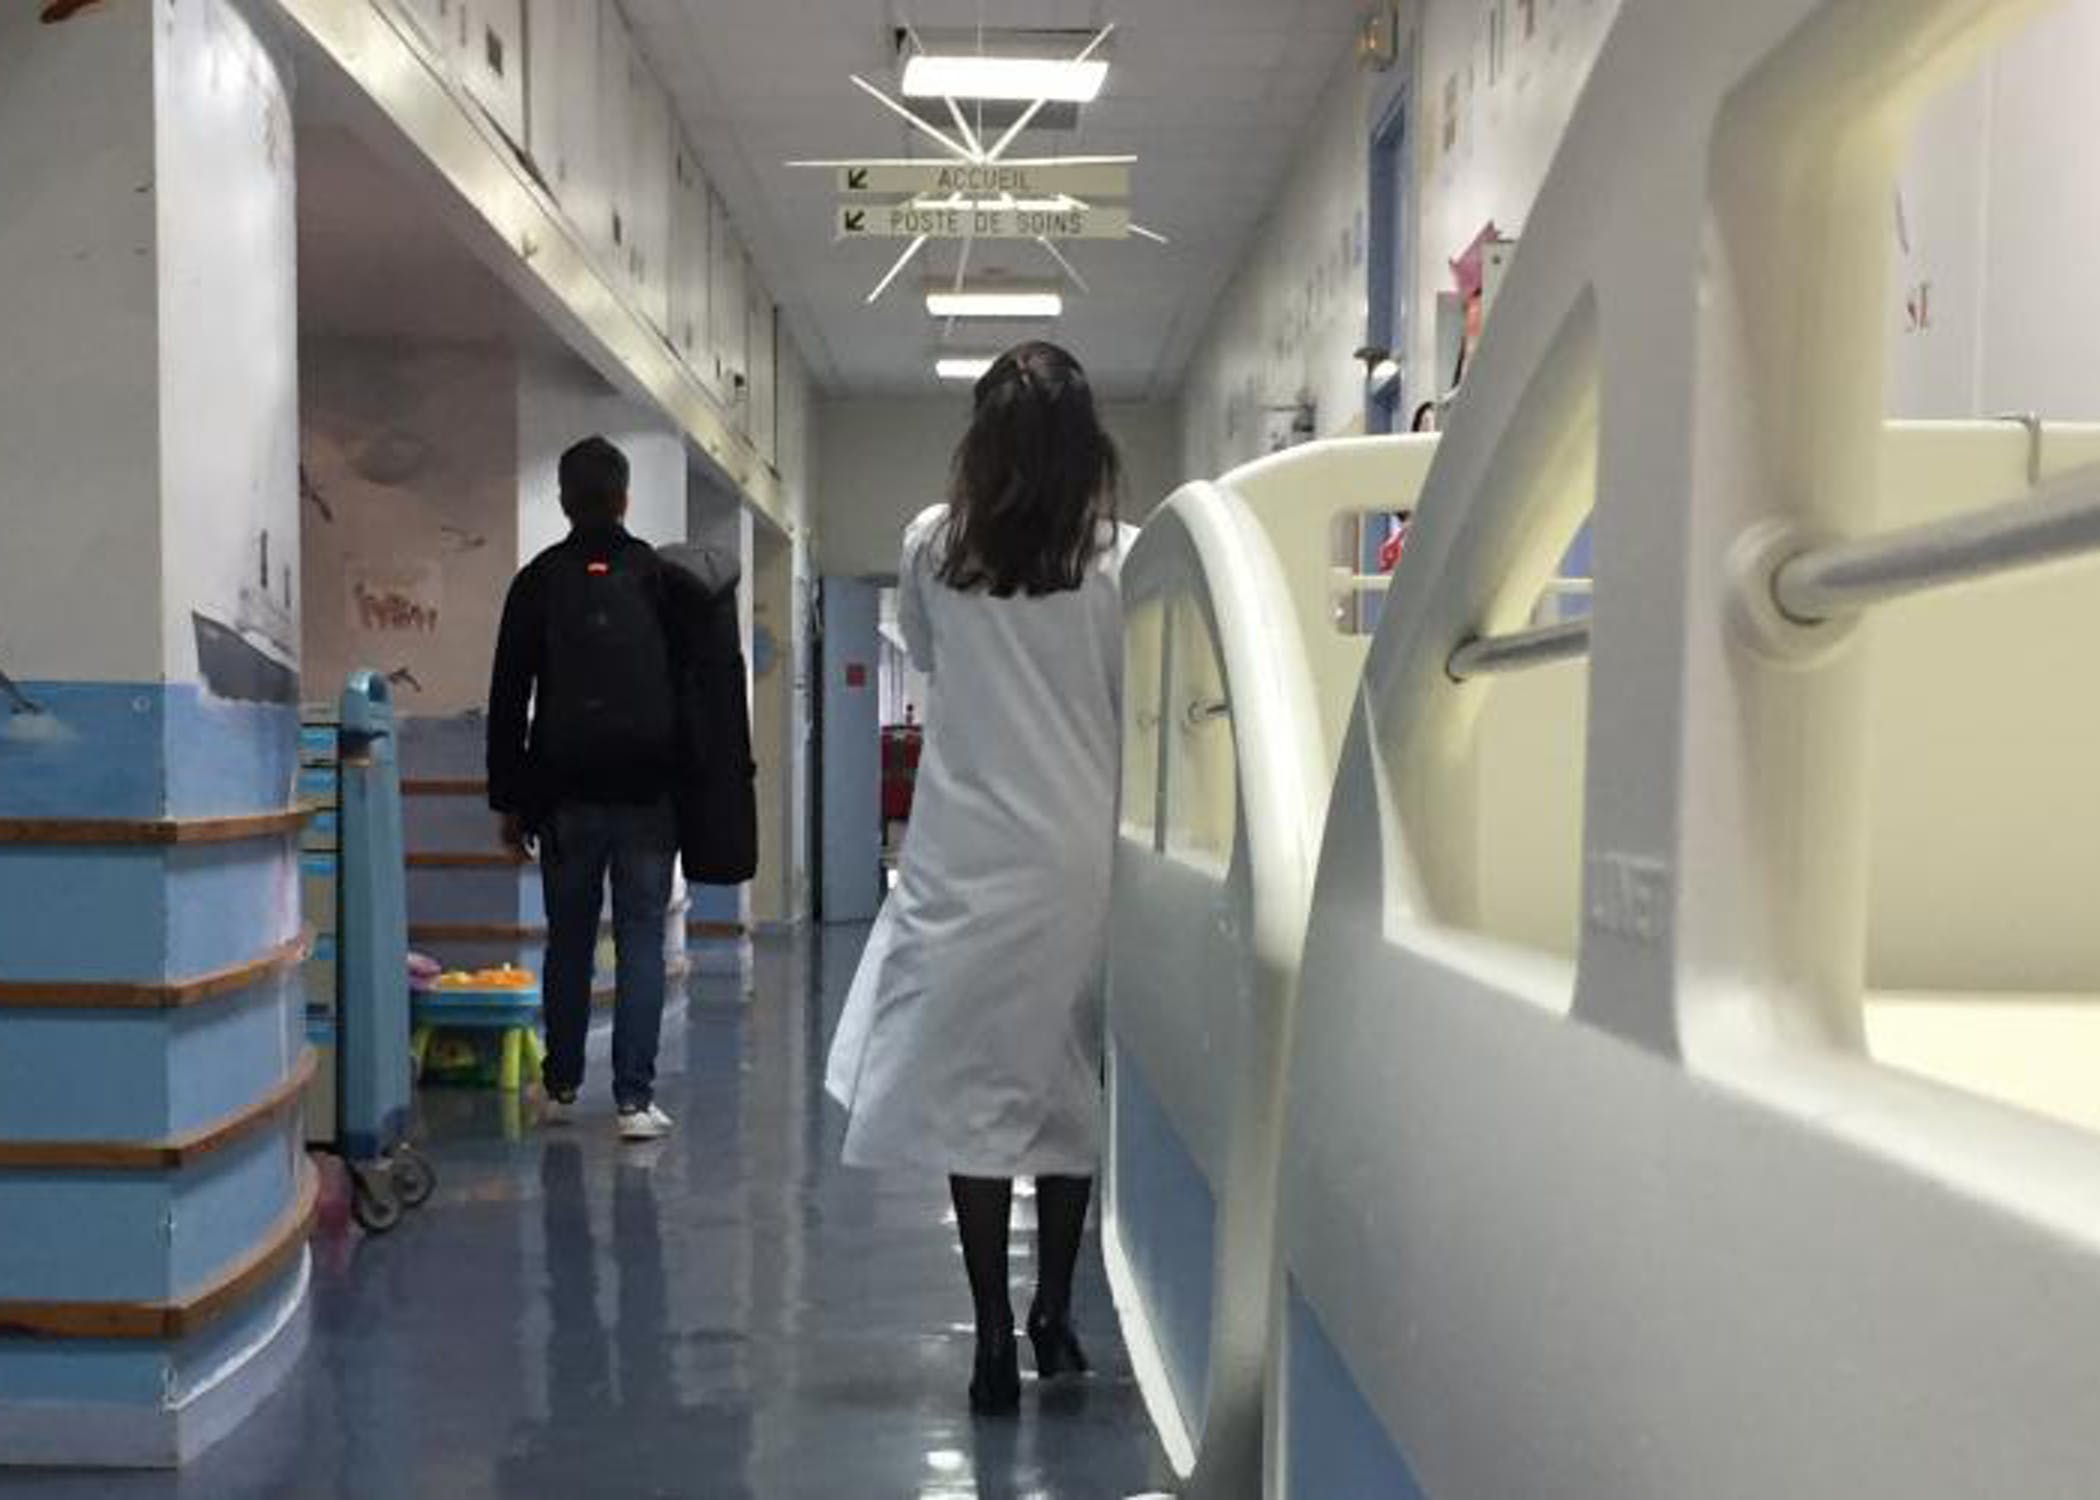 L'ospedale di Trousseau di Parigi dove sono ricoverati i bambini vittime dell'inquinamento - © UNICEF France